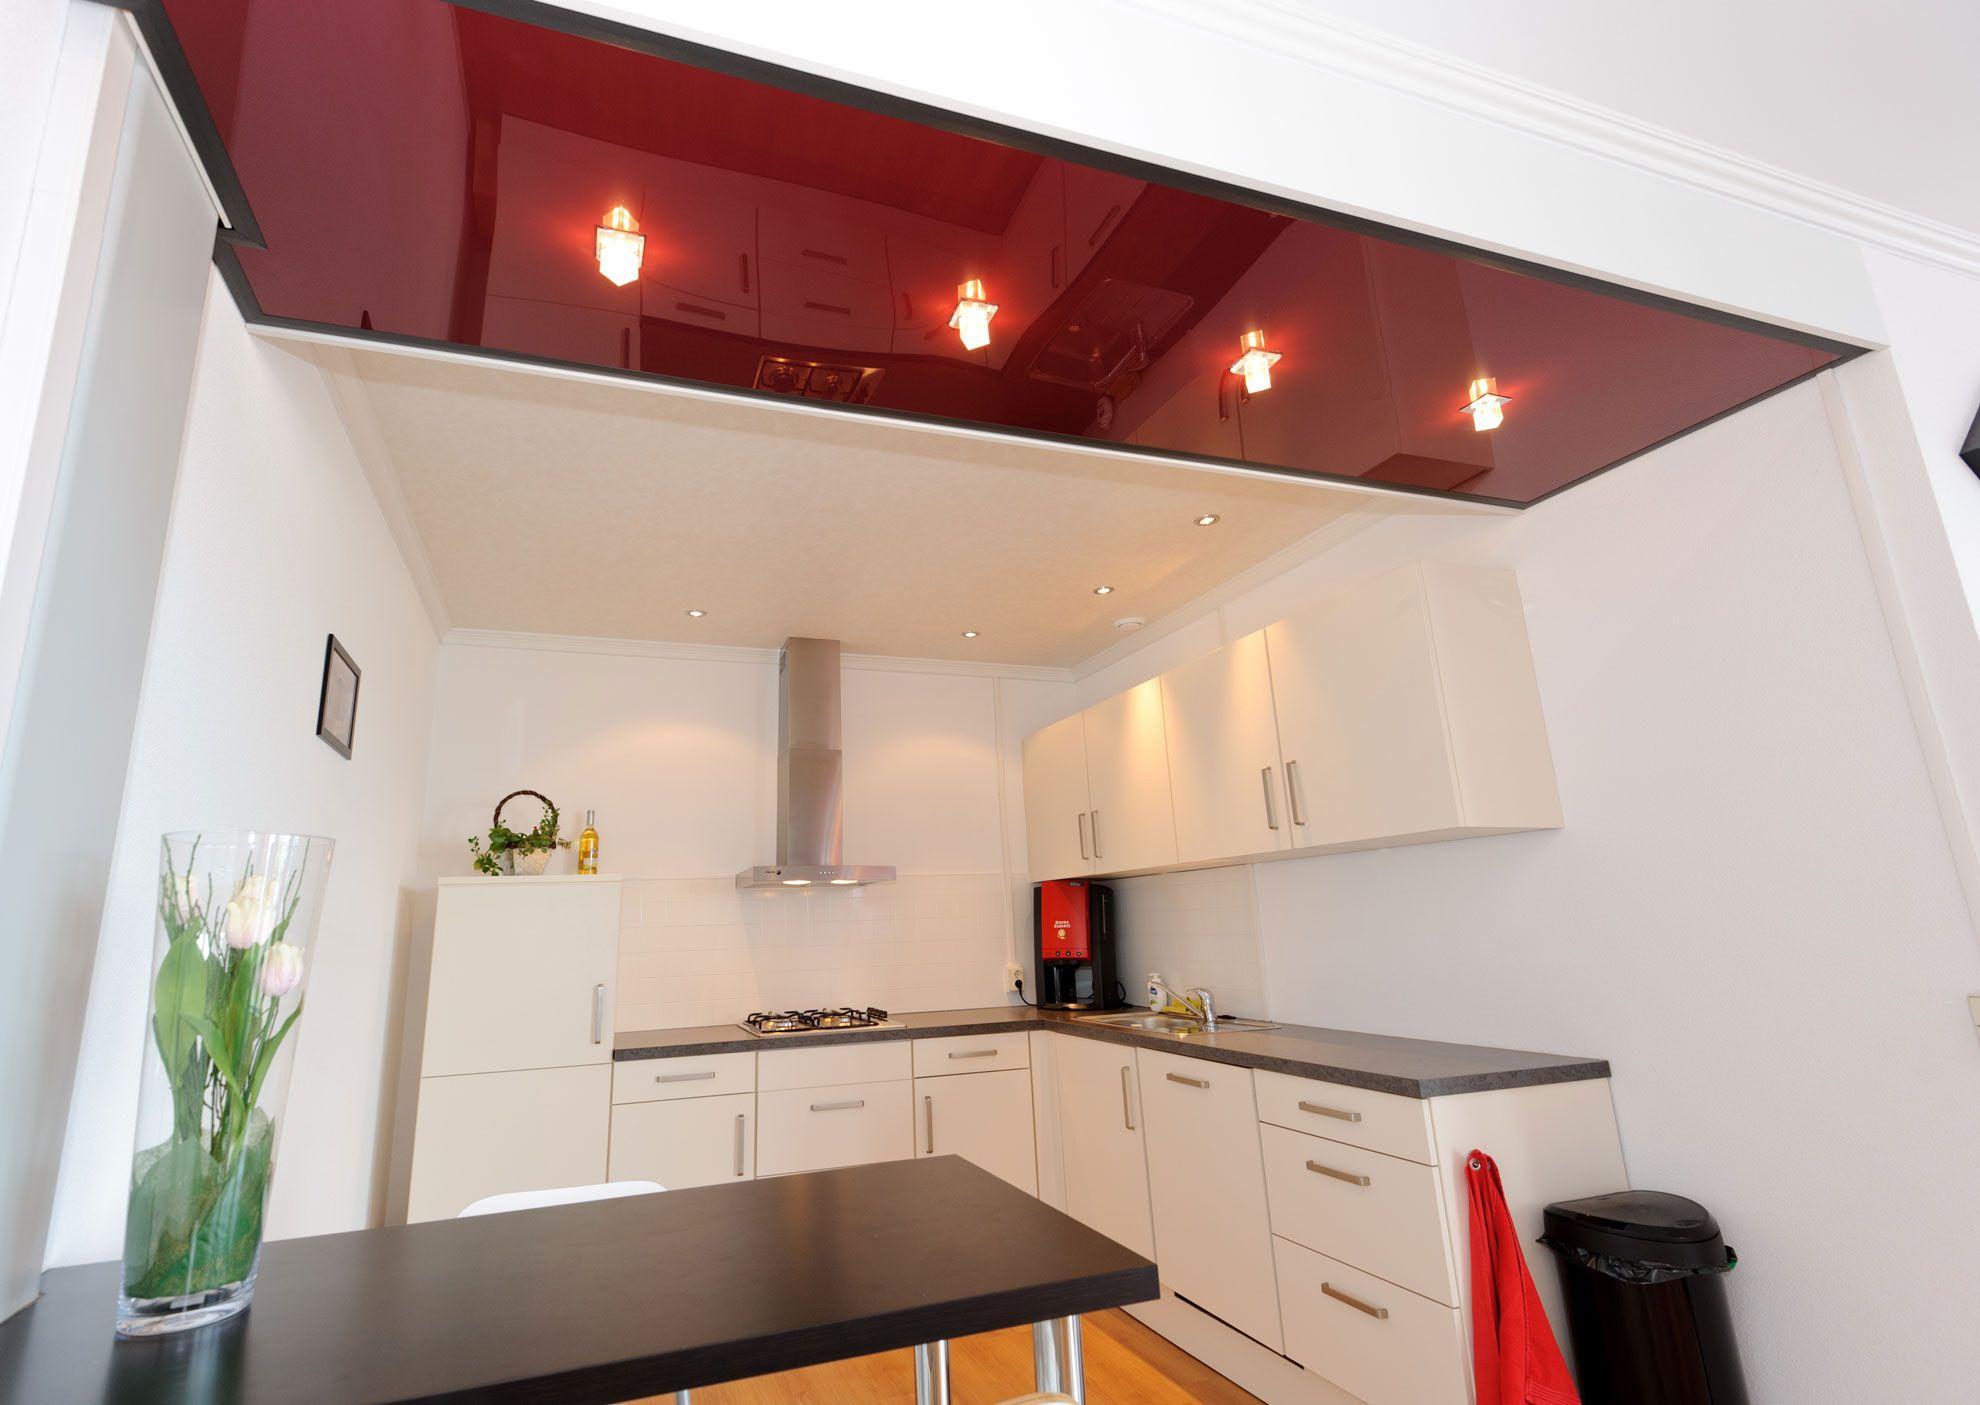 Moderne Kuche Mit Roter Decke Kuchendecke Und Beleuchtung Keuken Plafonds Keuken Idee Plafond